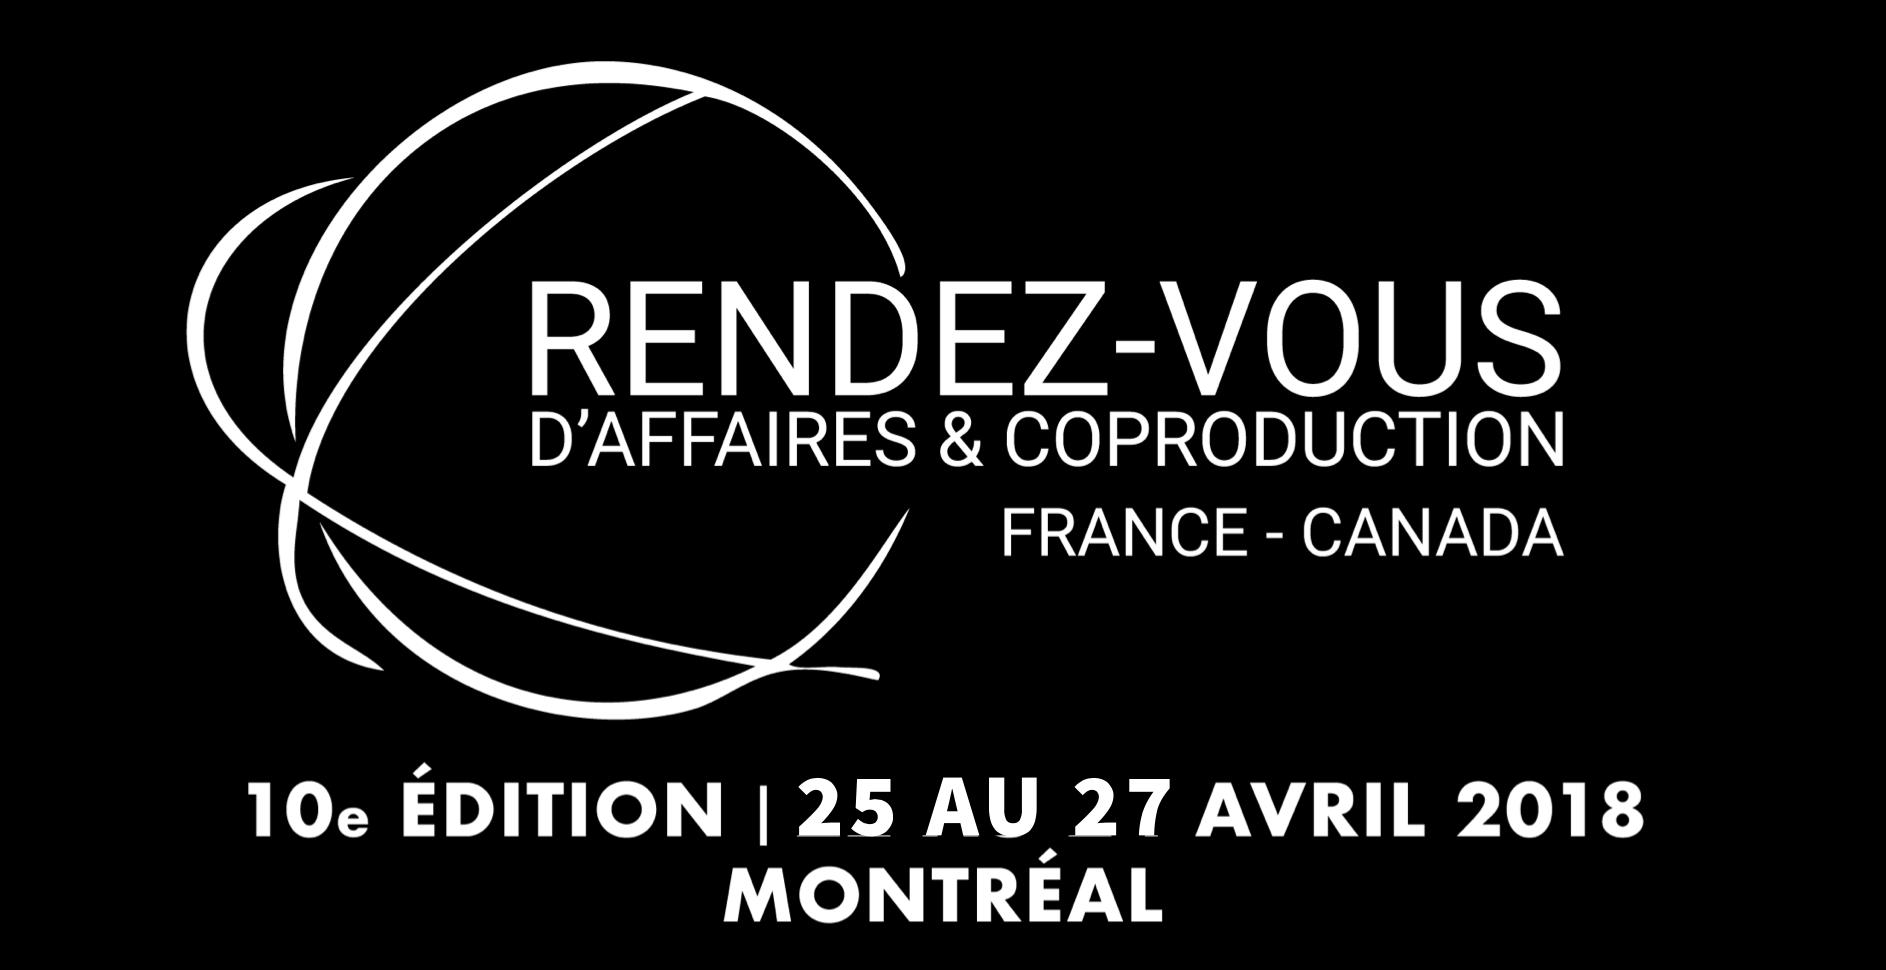 Cocktail des Rendez-vous d'affaires et de coproduction France-Canada